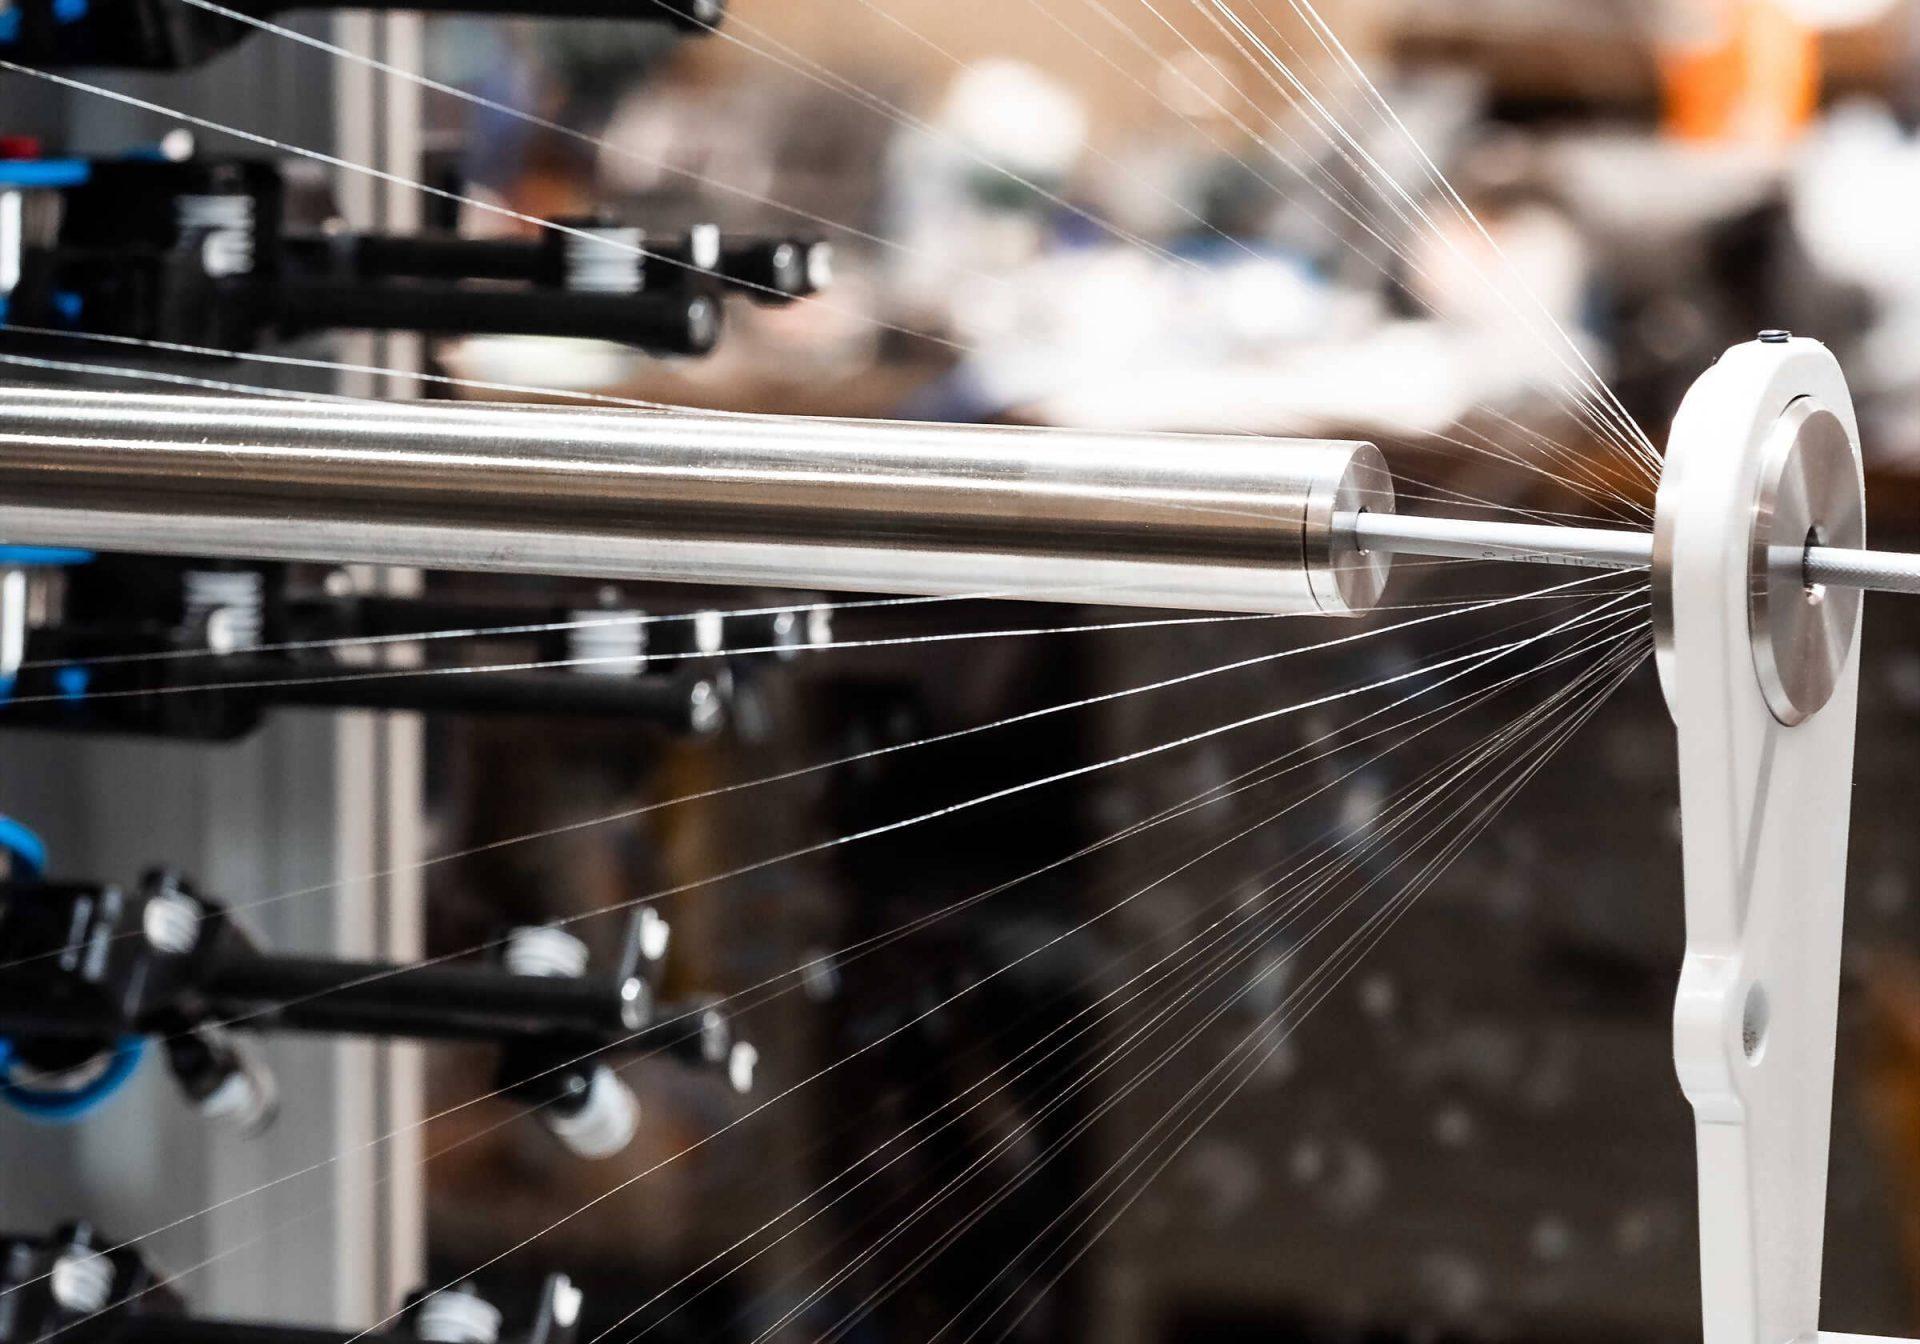 steeger-flechtmaschinen-maschine-header-detail-ansicht